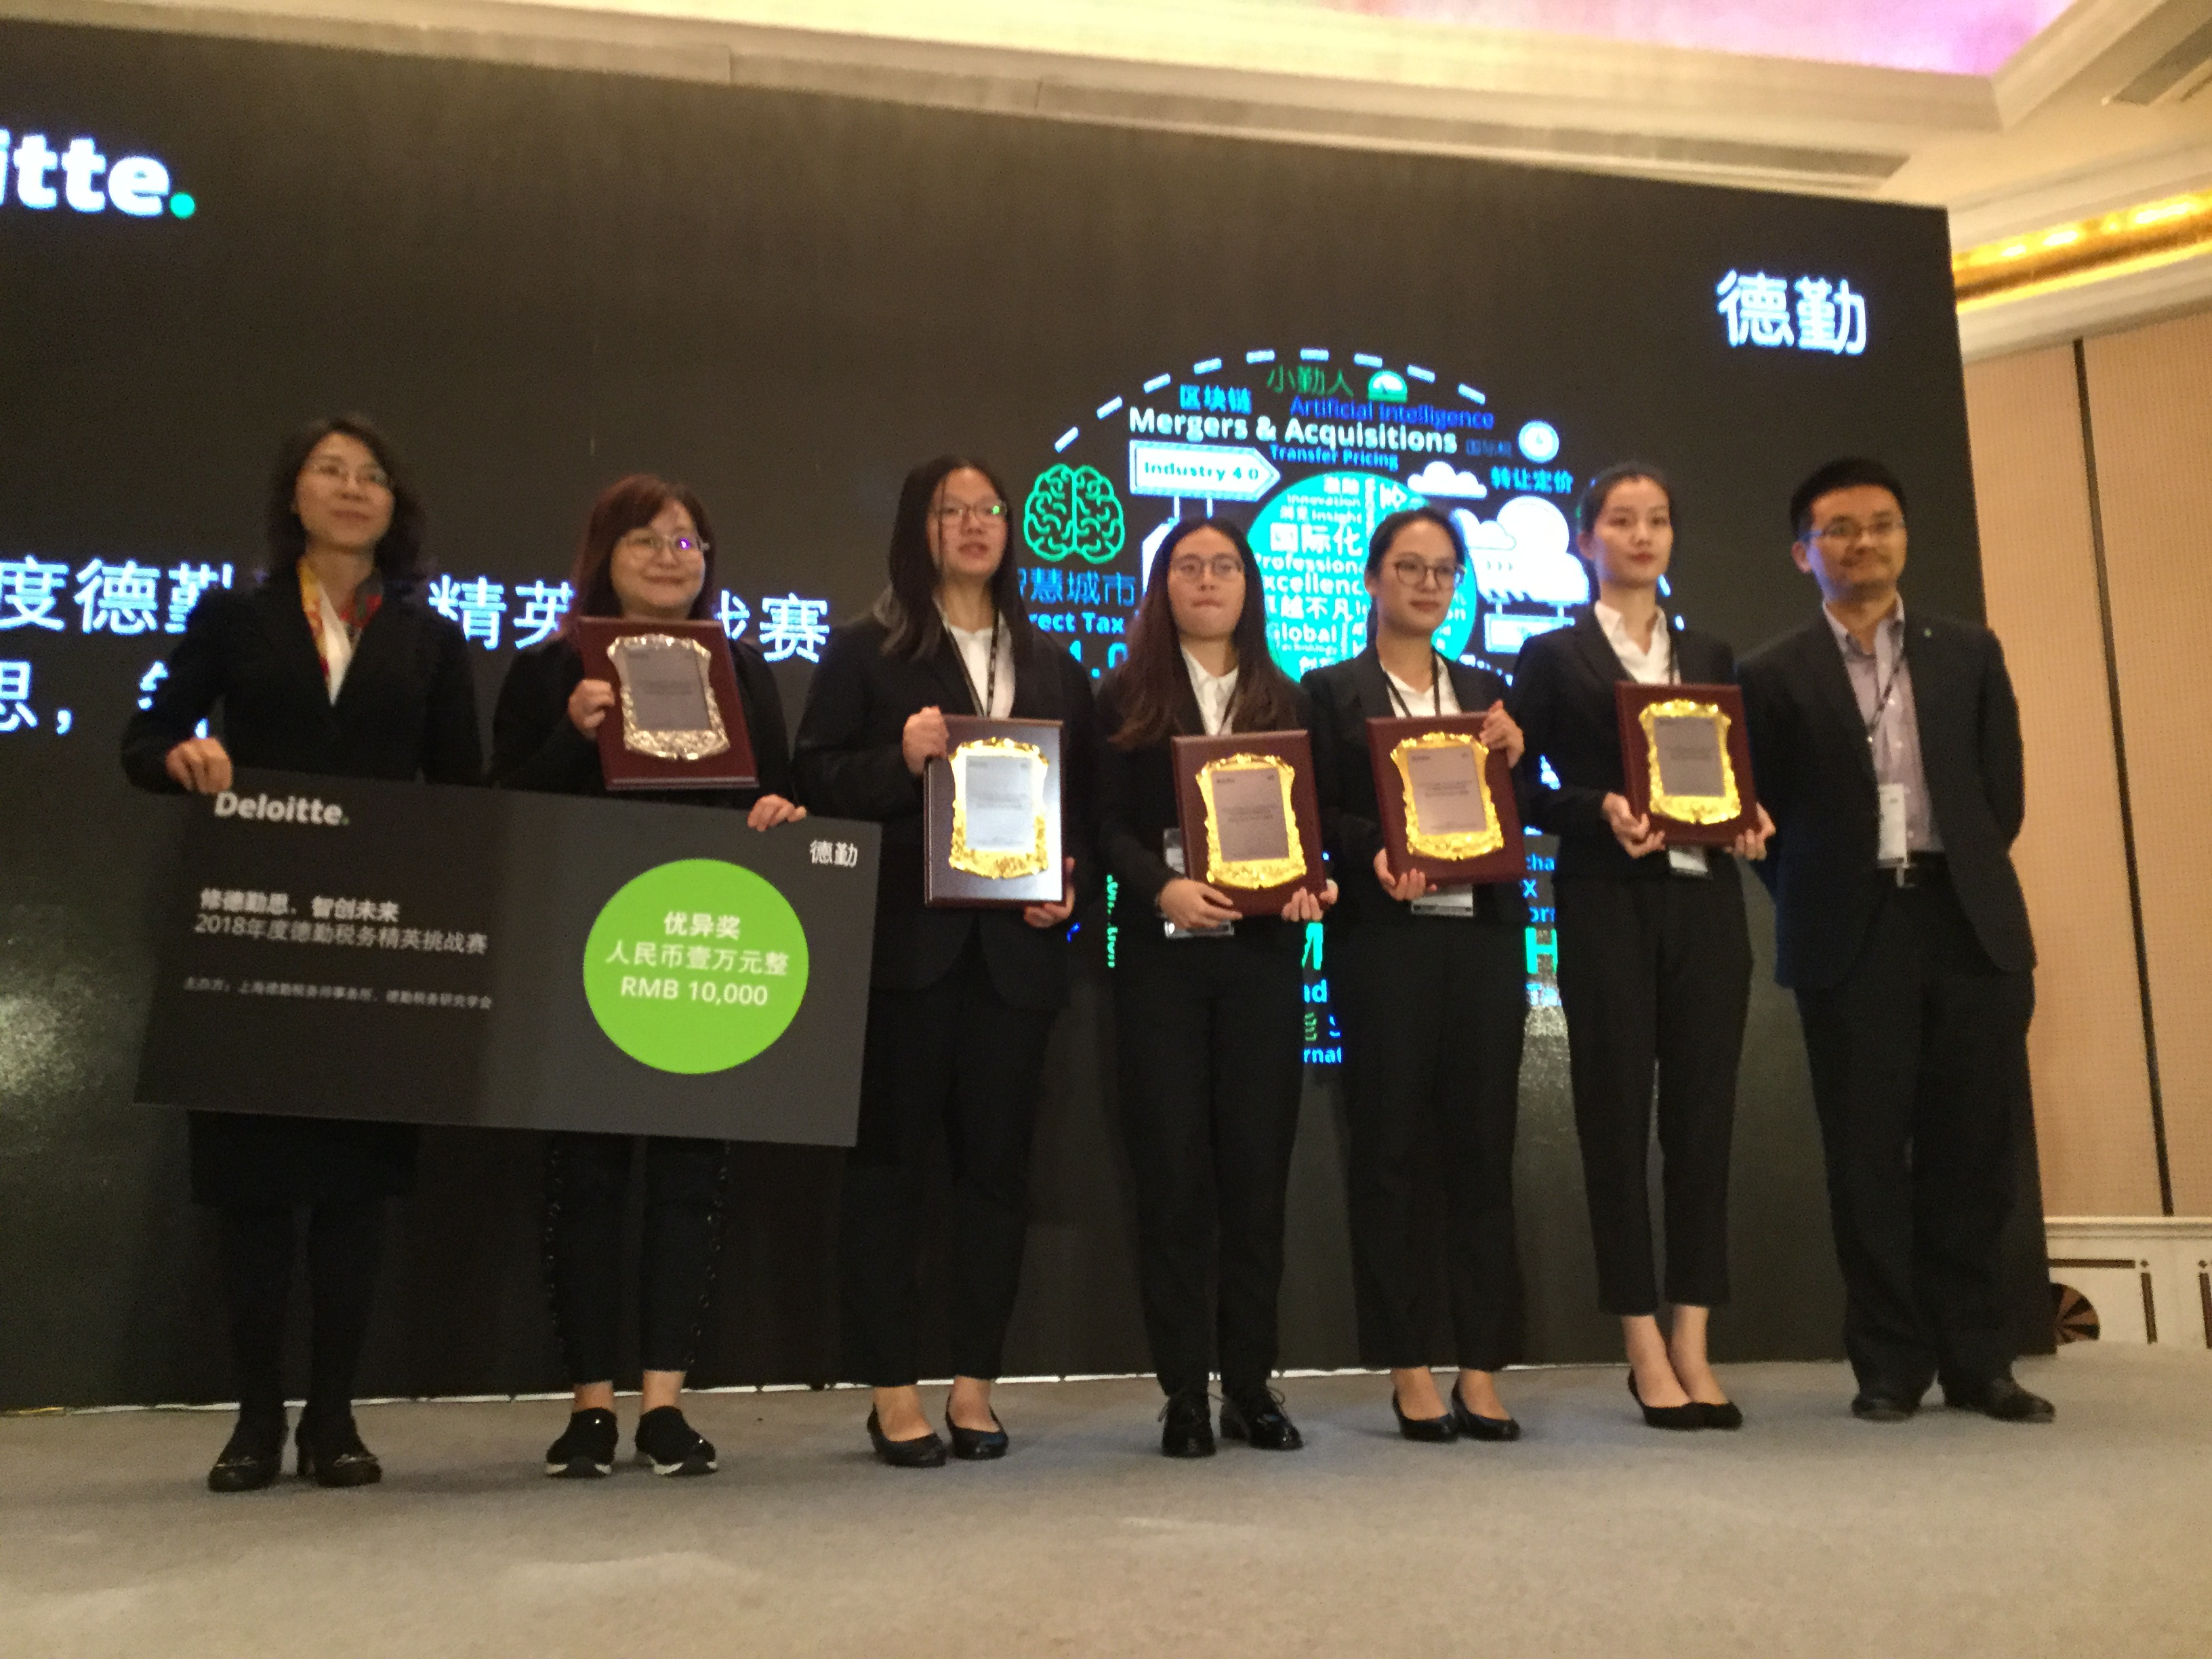 中原會計代表台灣出賽 香港德勤稅務精英挑戰賽榮獲優異獎